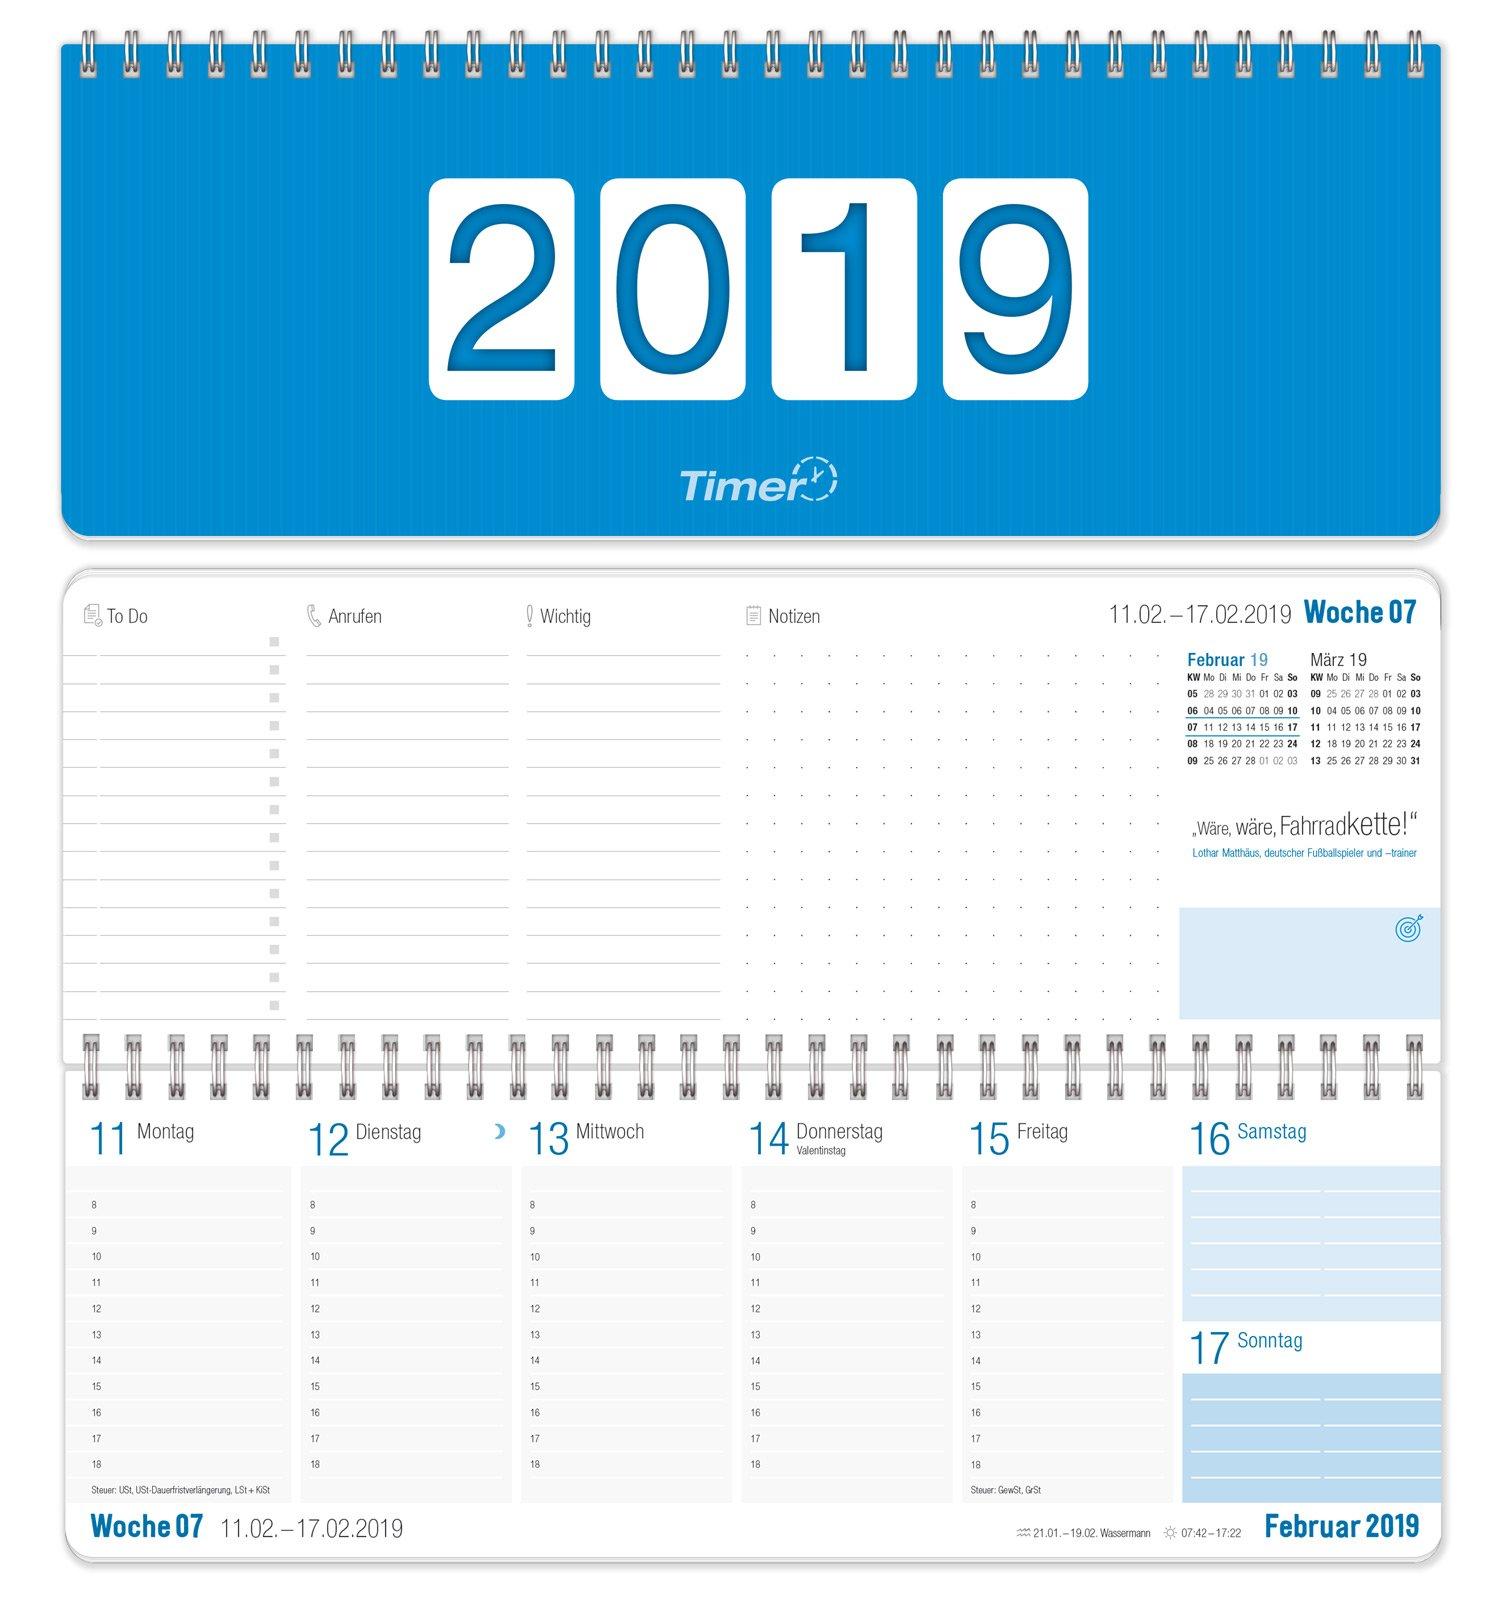 wochen-tischkalender-2019-querkalender-2-farbig-runde-ecken-29-7x10-5-1-woche-2-seiten-querterminbuch-fr-bro-und-schreibtisch-mit-zusatzinfos